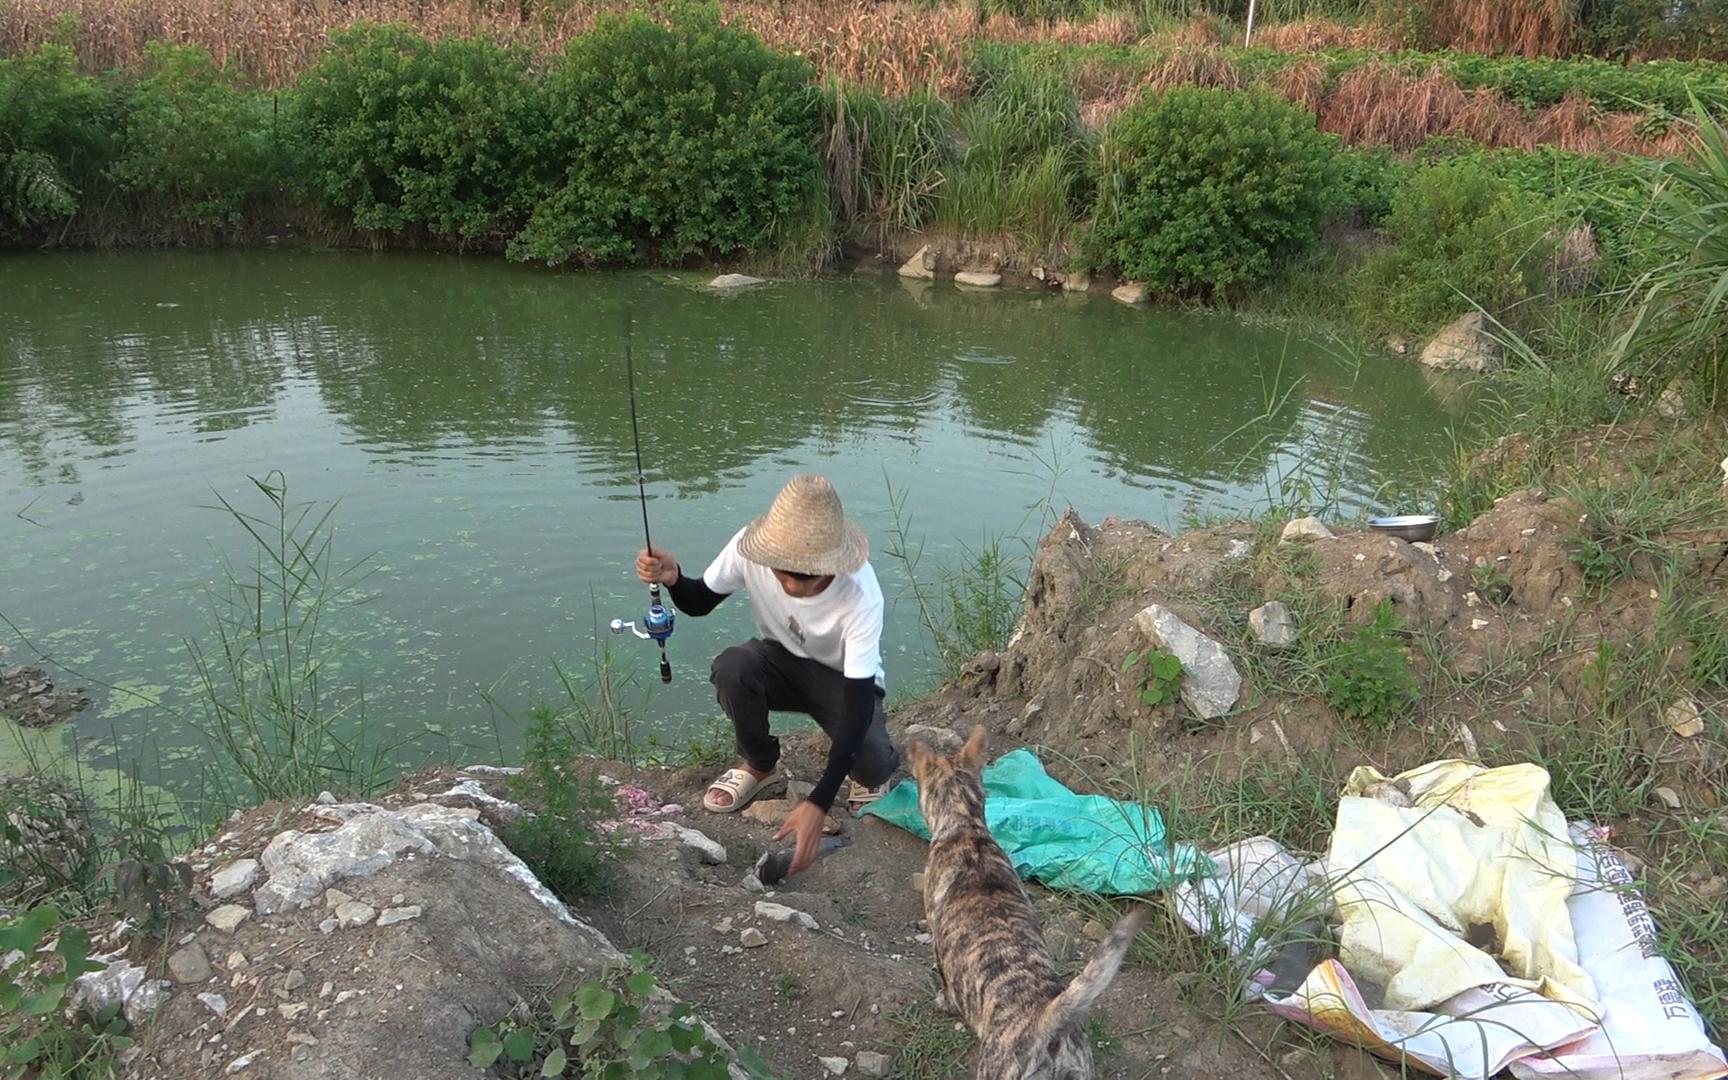 小明用海竿到老表鱼塘试钓,没想到十多分钟狂甩3条鱼,过瘾了